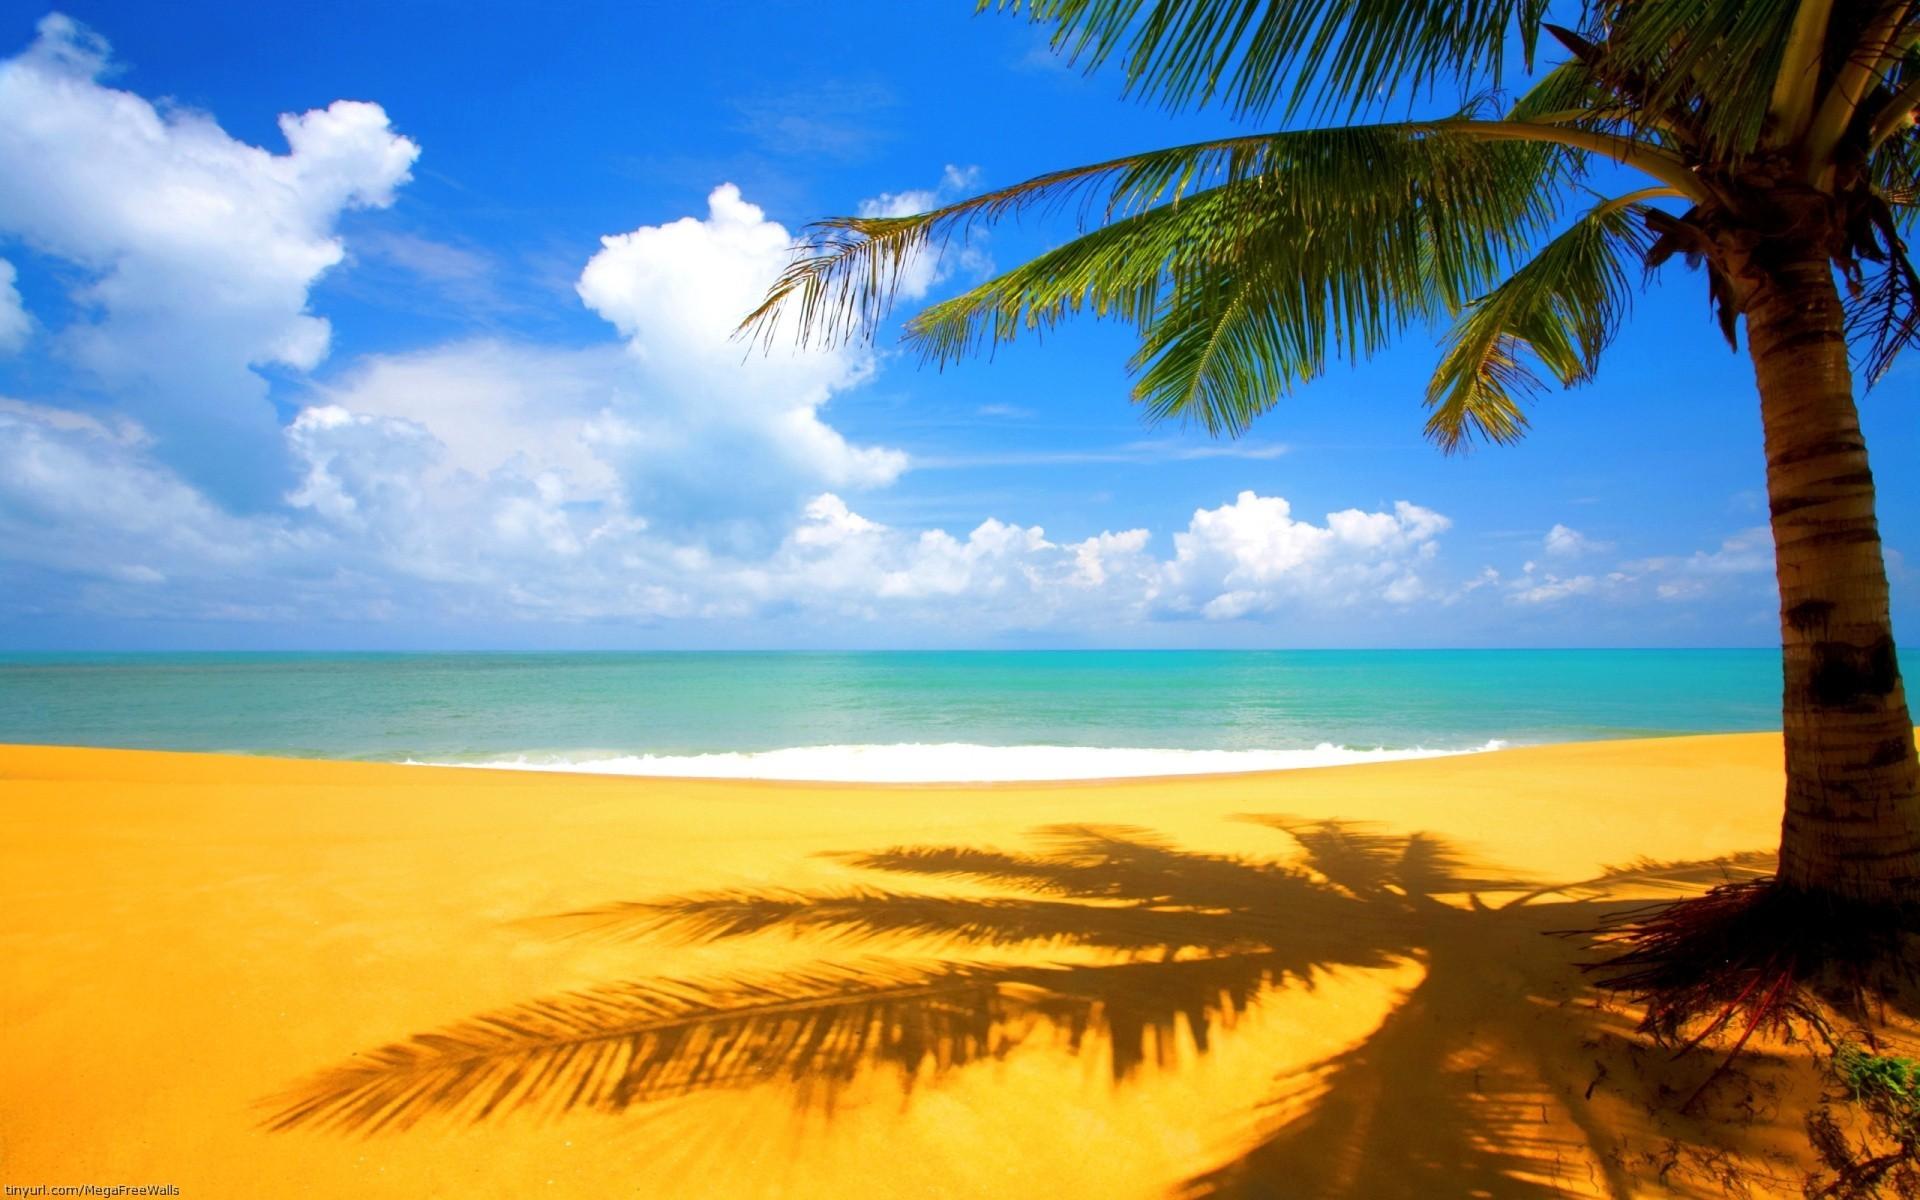 … beach desktop wallpaper wallpapersafari …